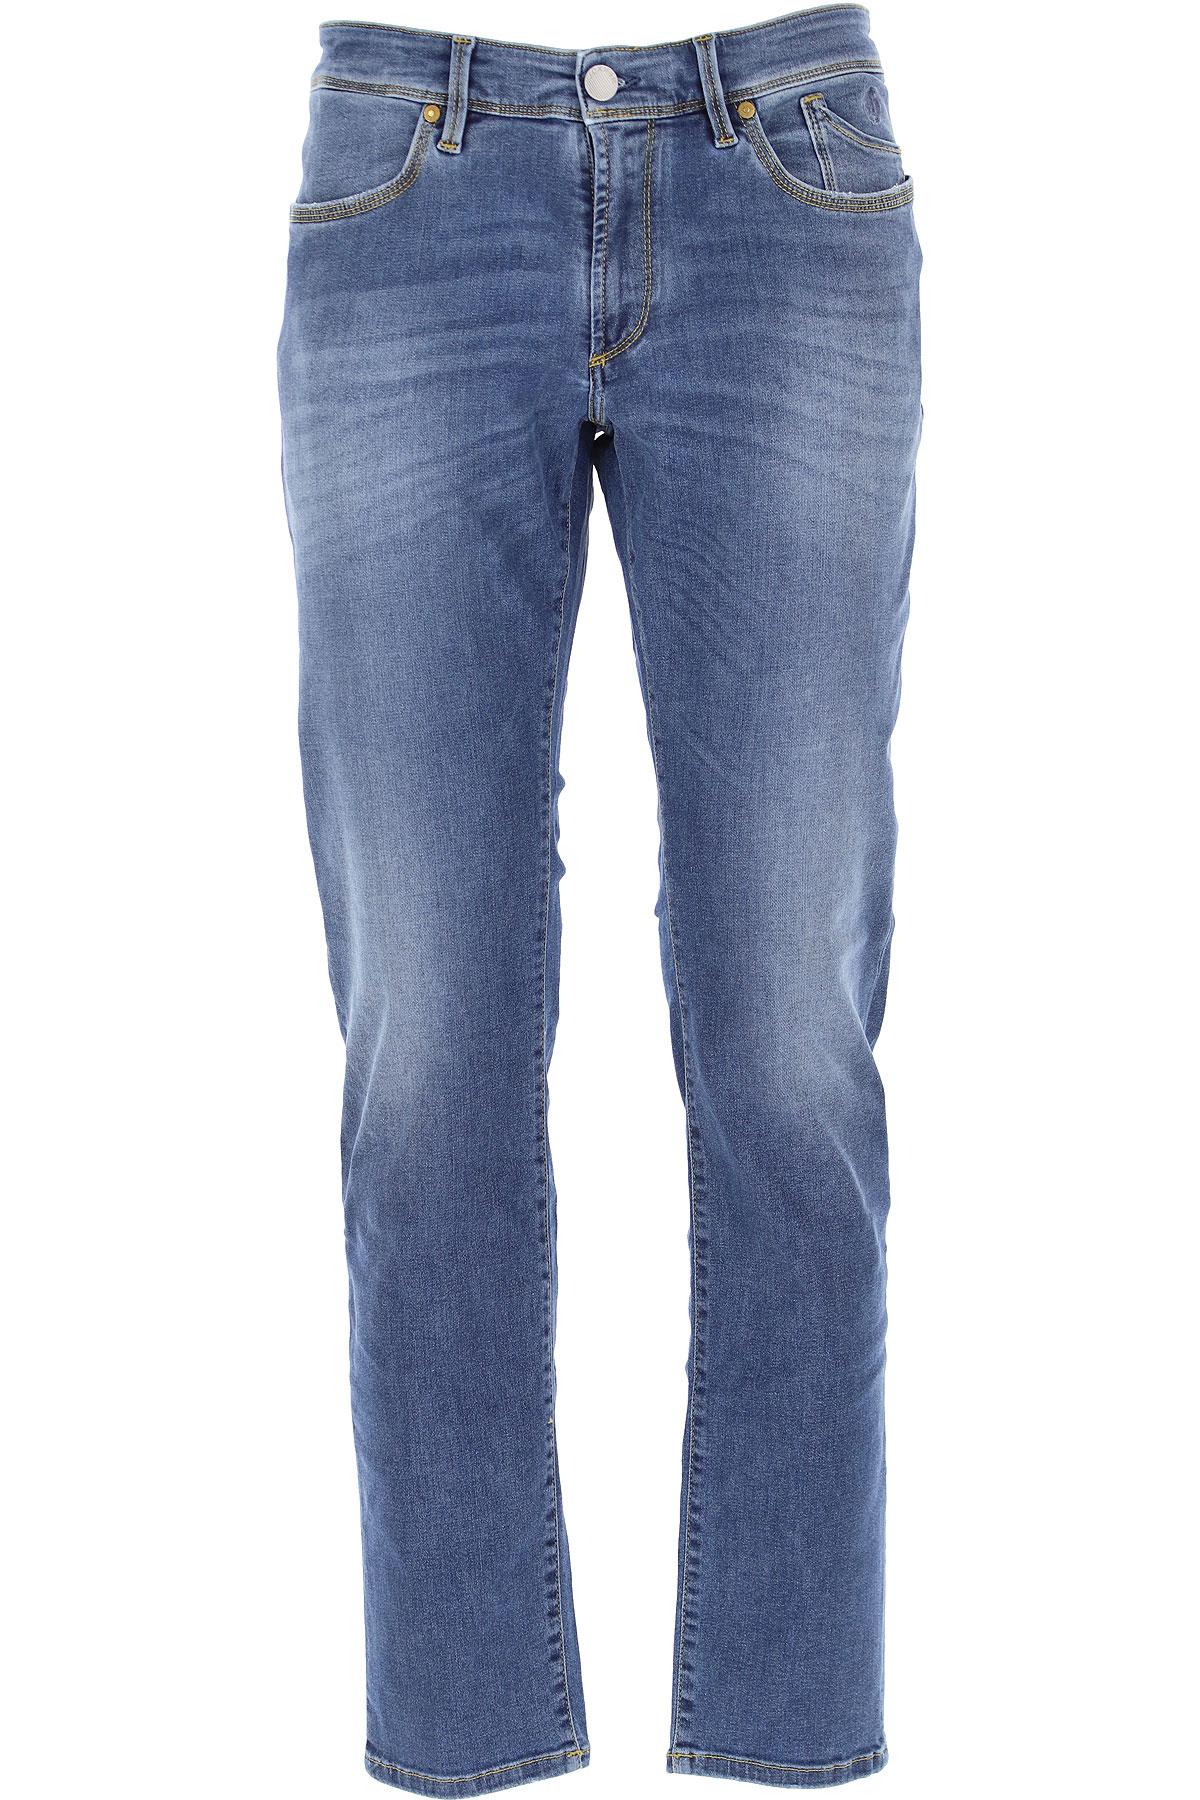 Jeckerson Jeans On Sale, Light Blue, Cotton, 2019, 29 30 31 32 33 34 35 38